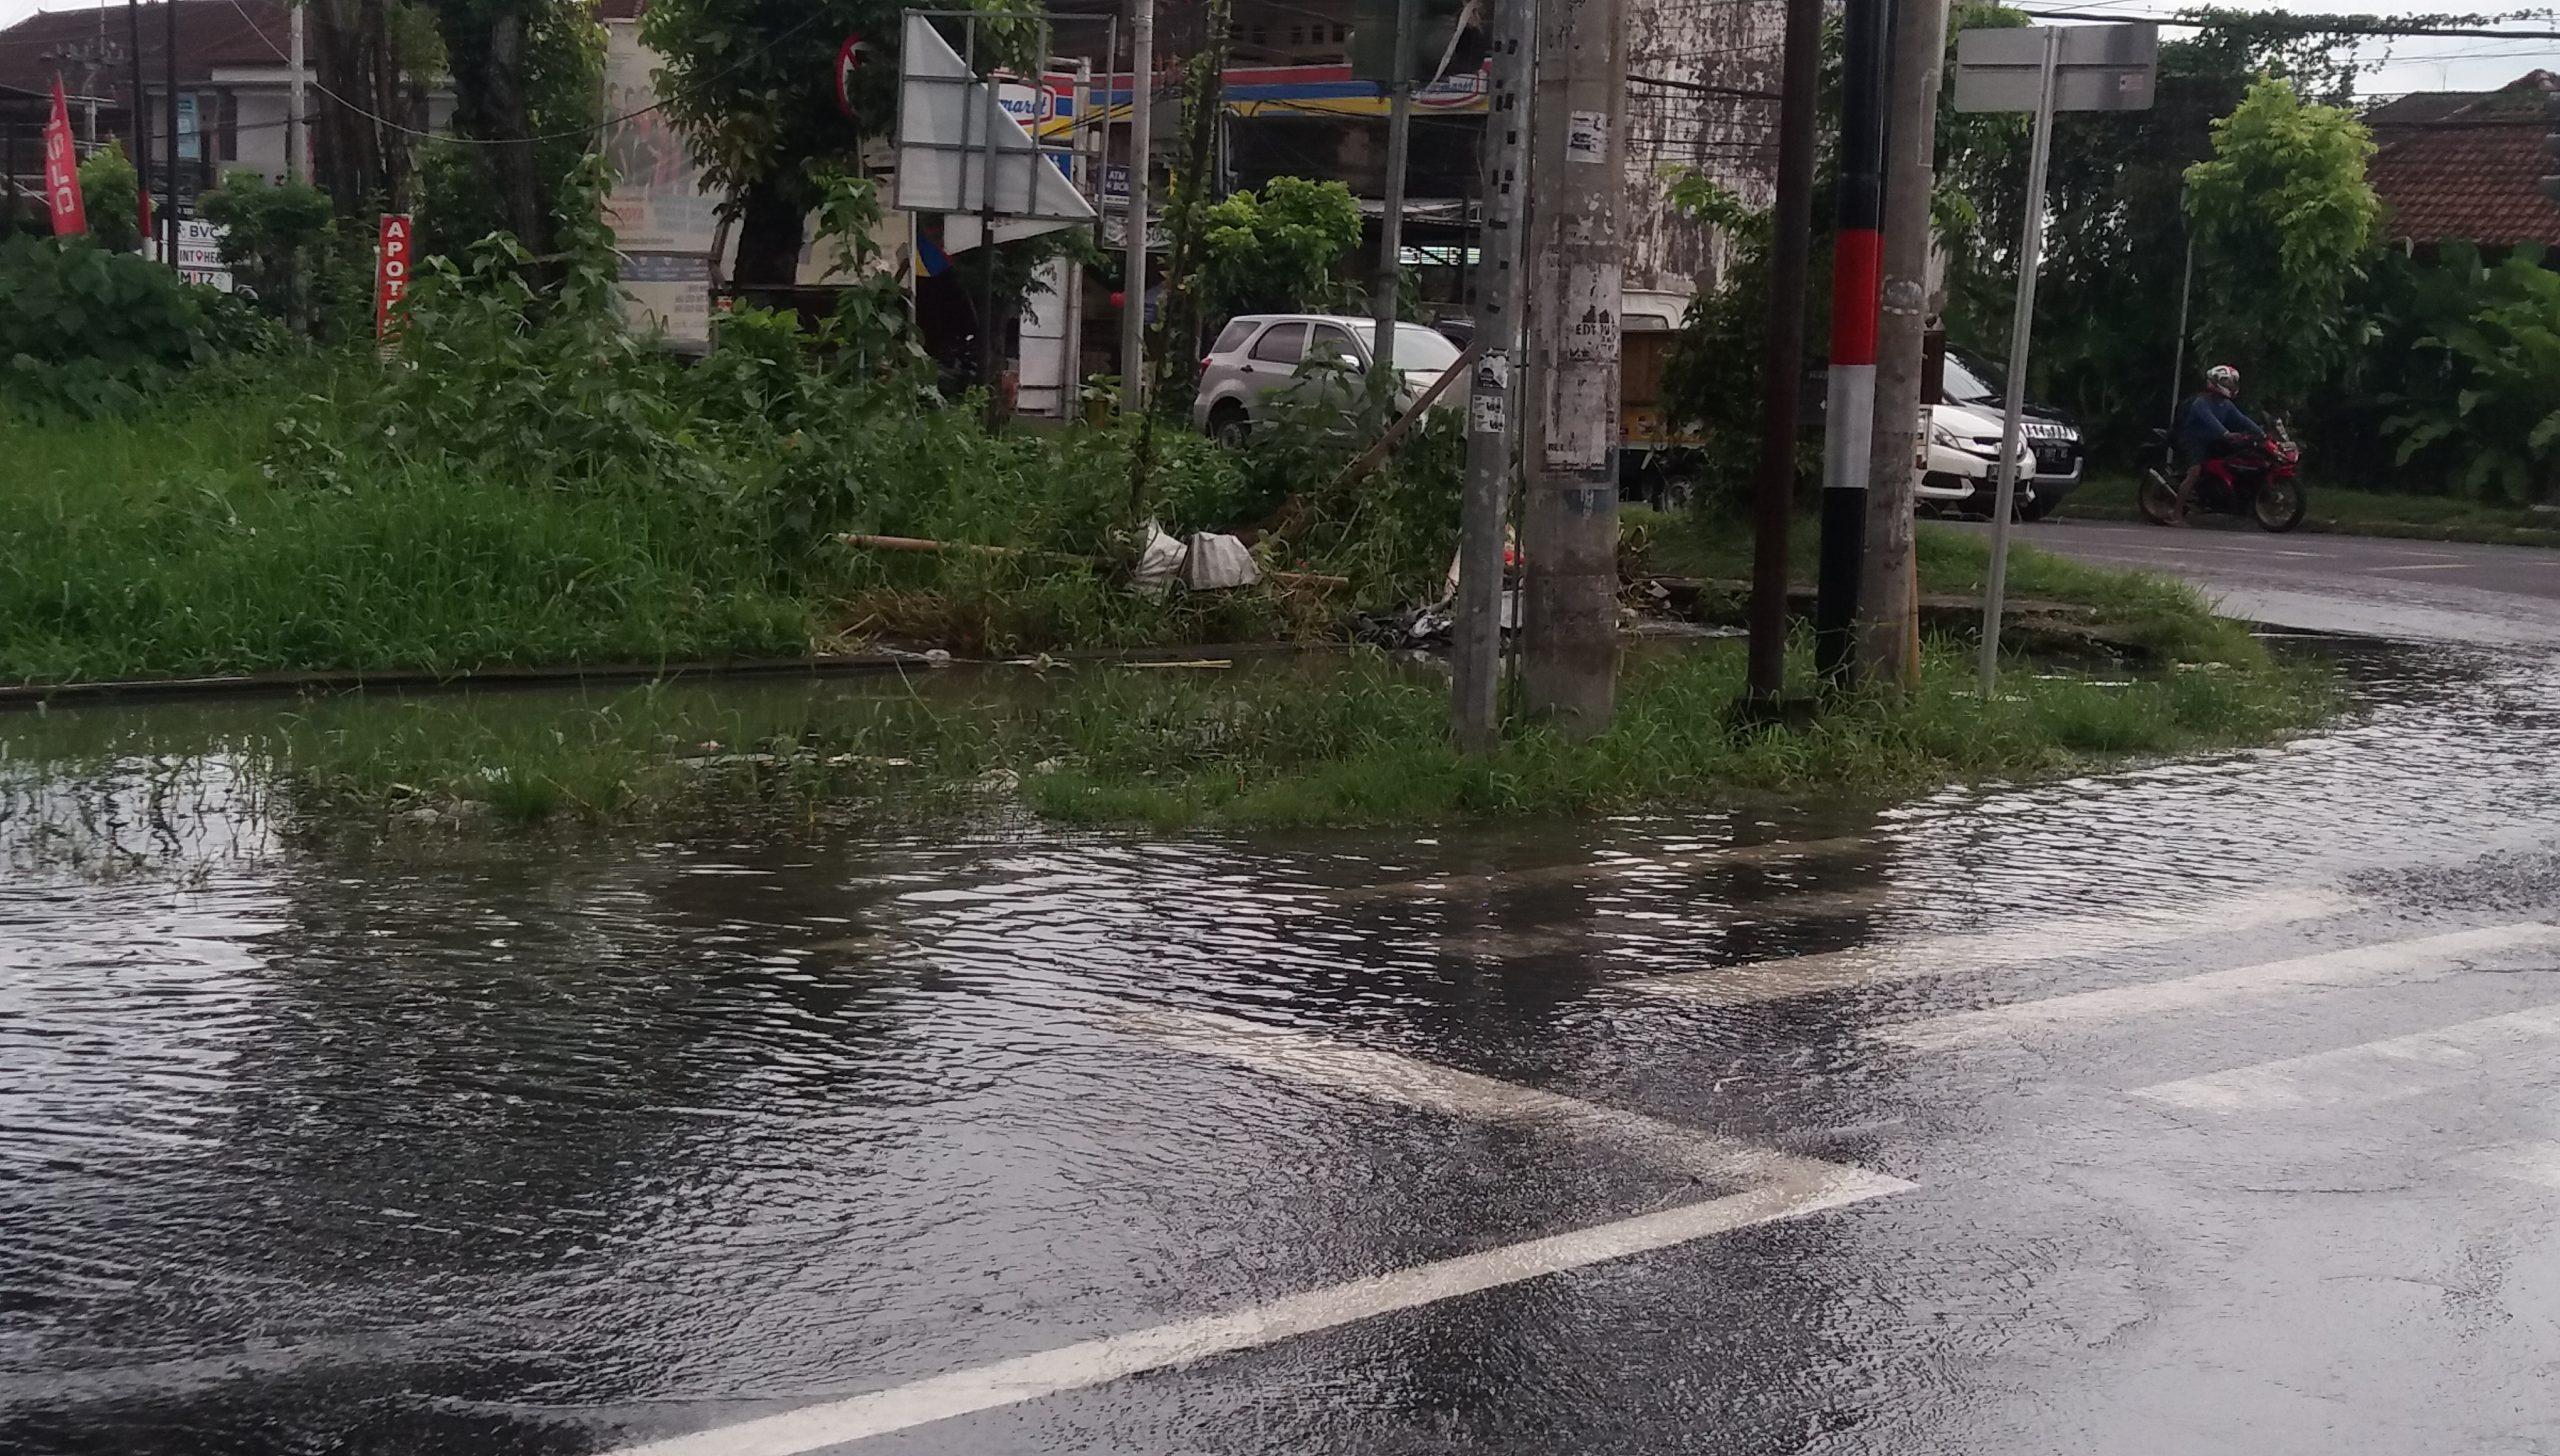 SAMPAH jadi salah satu sumber penyebab air parit meluap di sisi selatan Jalan Flamboyan Tabanan, Minggu (13/12/2020). Hal serupa juga terjadi di beberapa titik di seputaran Tabanan. Foto: gap